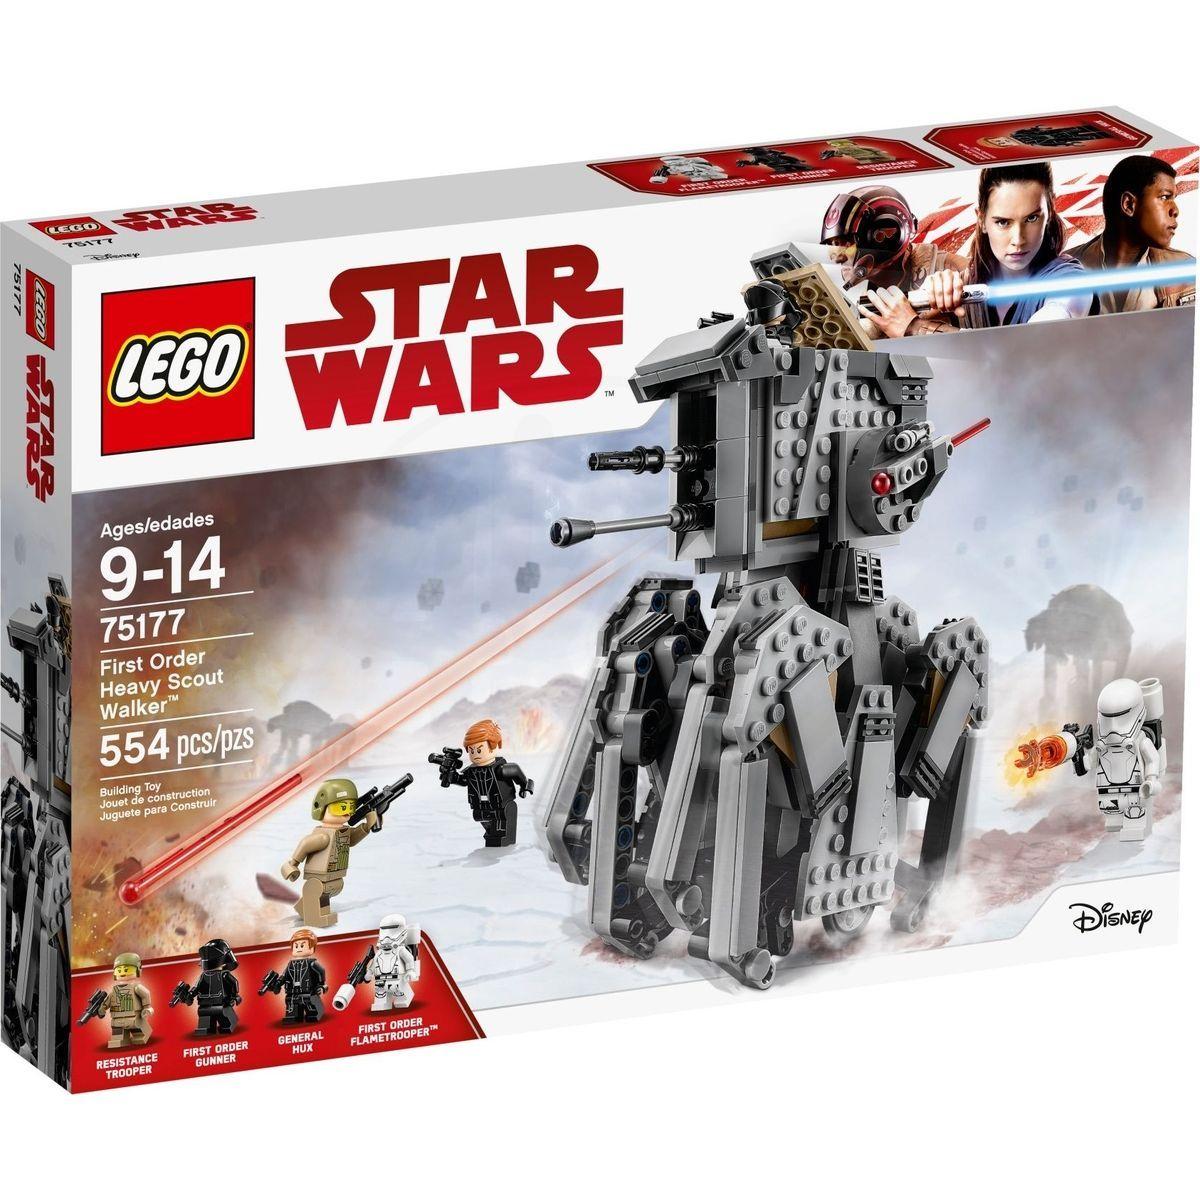 LEGO Star Wars 75177 Těžký průzkumný chodec Prvního řádu